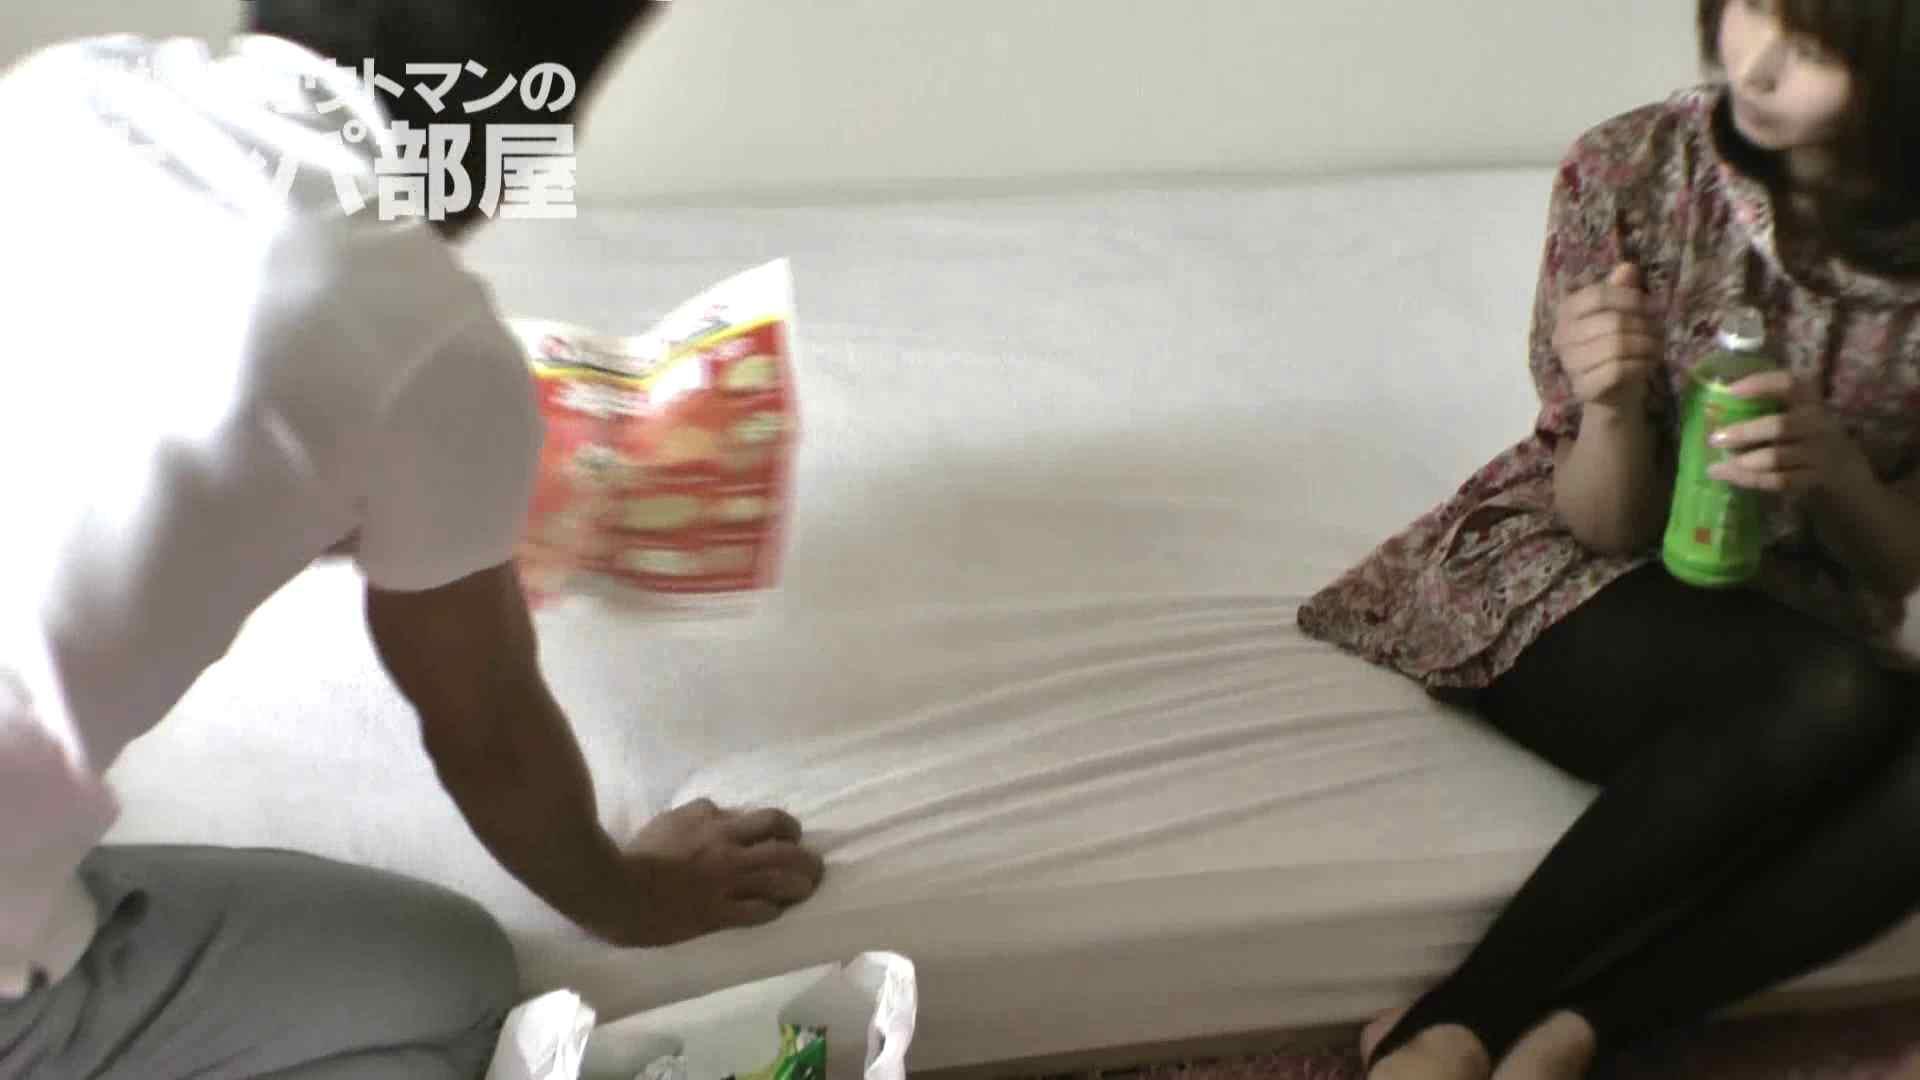 隠撮スカウトマンのナンパ部屋~風俗デビュー前のつまみ食い~ sii 脱衣所 | 隠撮  68画像 7